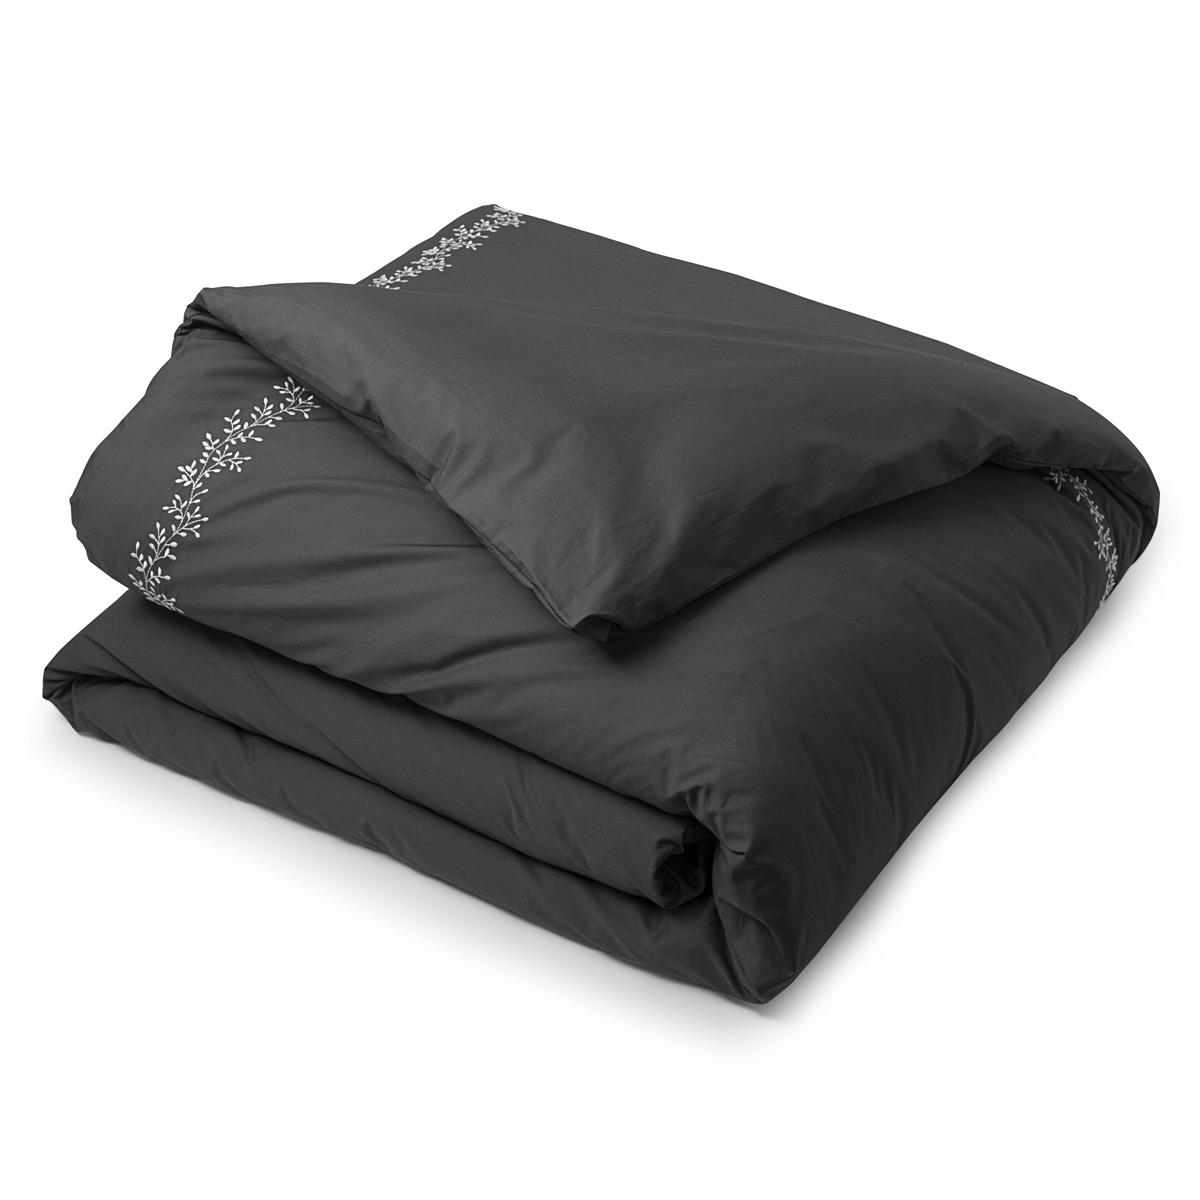 Parure reverie linge de lit de qualit tradition des - Housse de couette de qualite ...